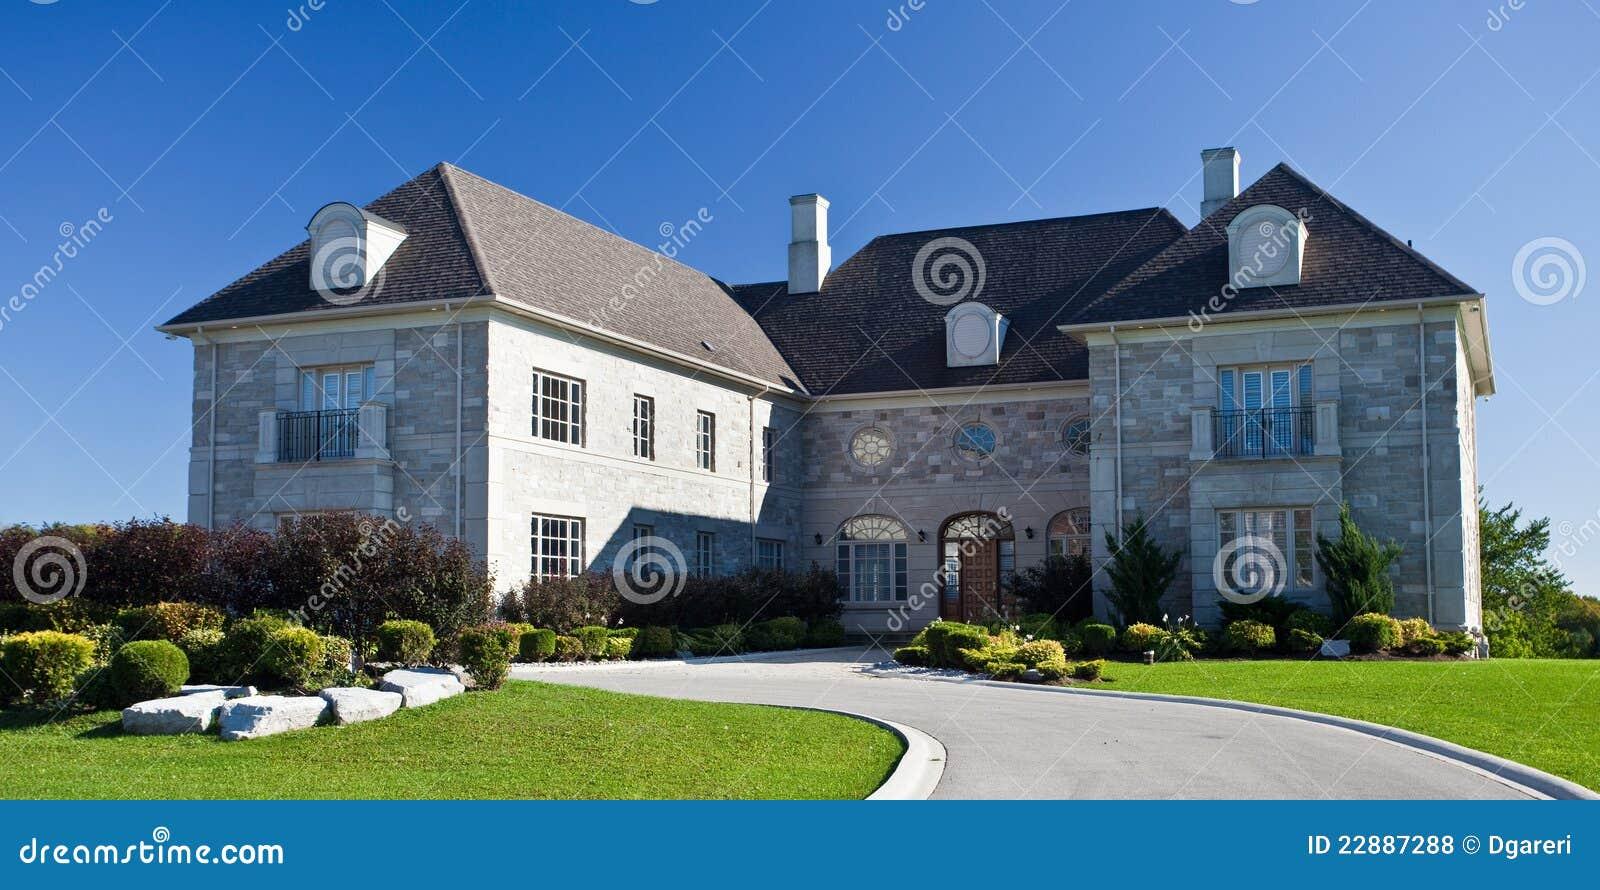 Grote huizen royalty vrije stock foto 39 s afbeelding 22887288 - Foto huizen ...